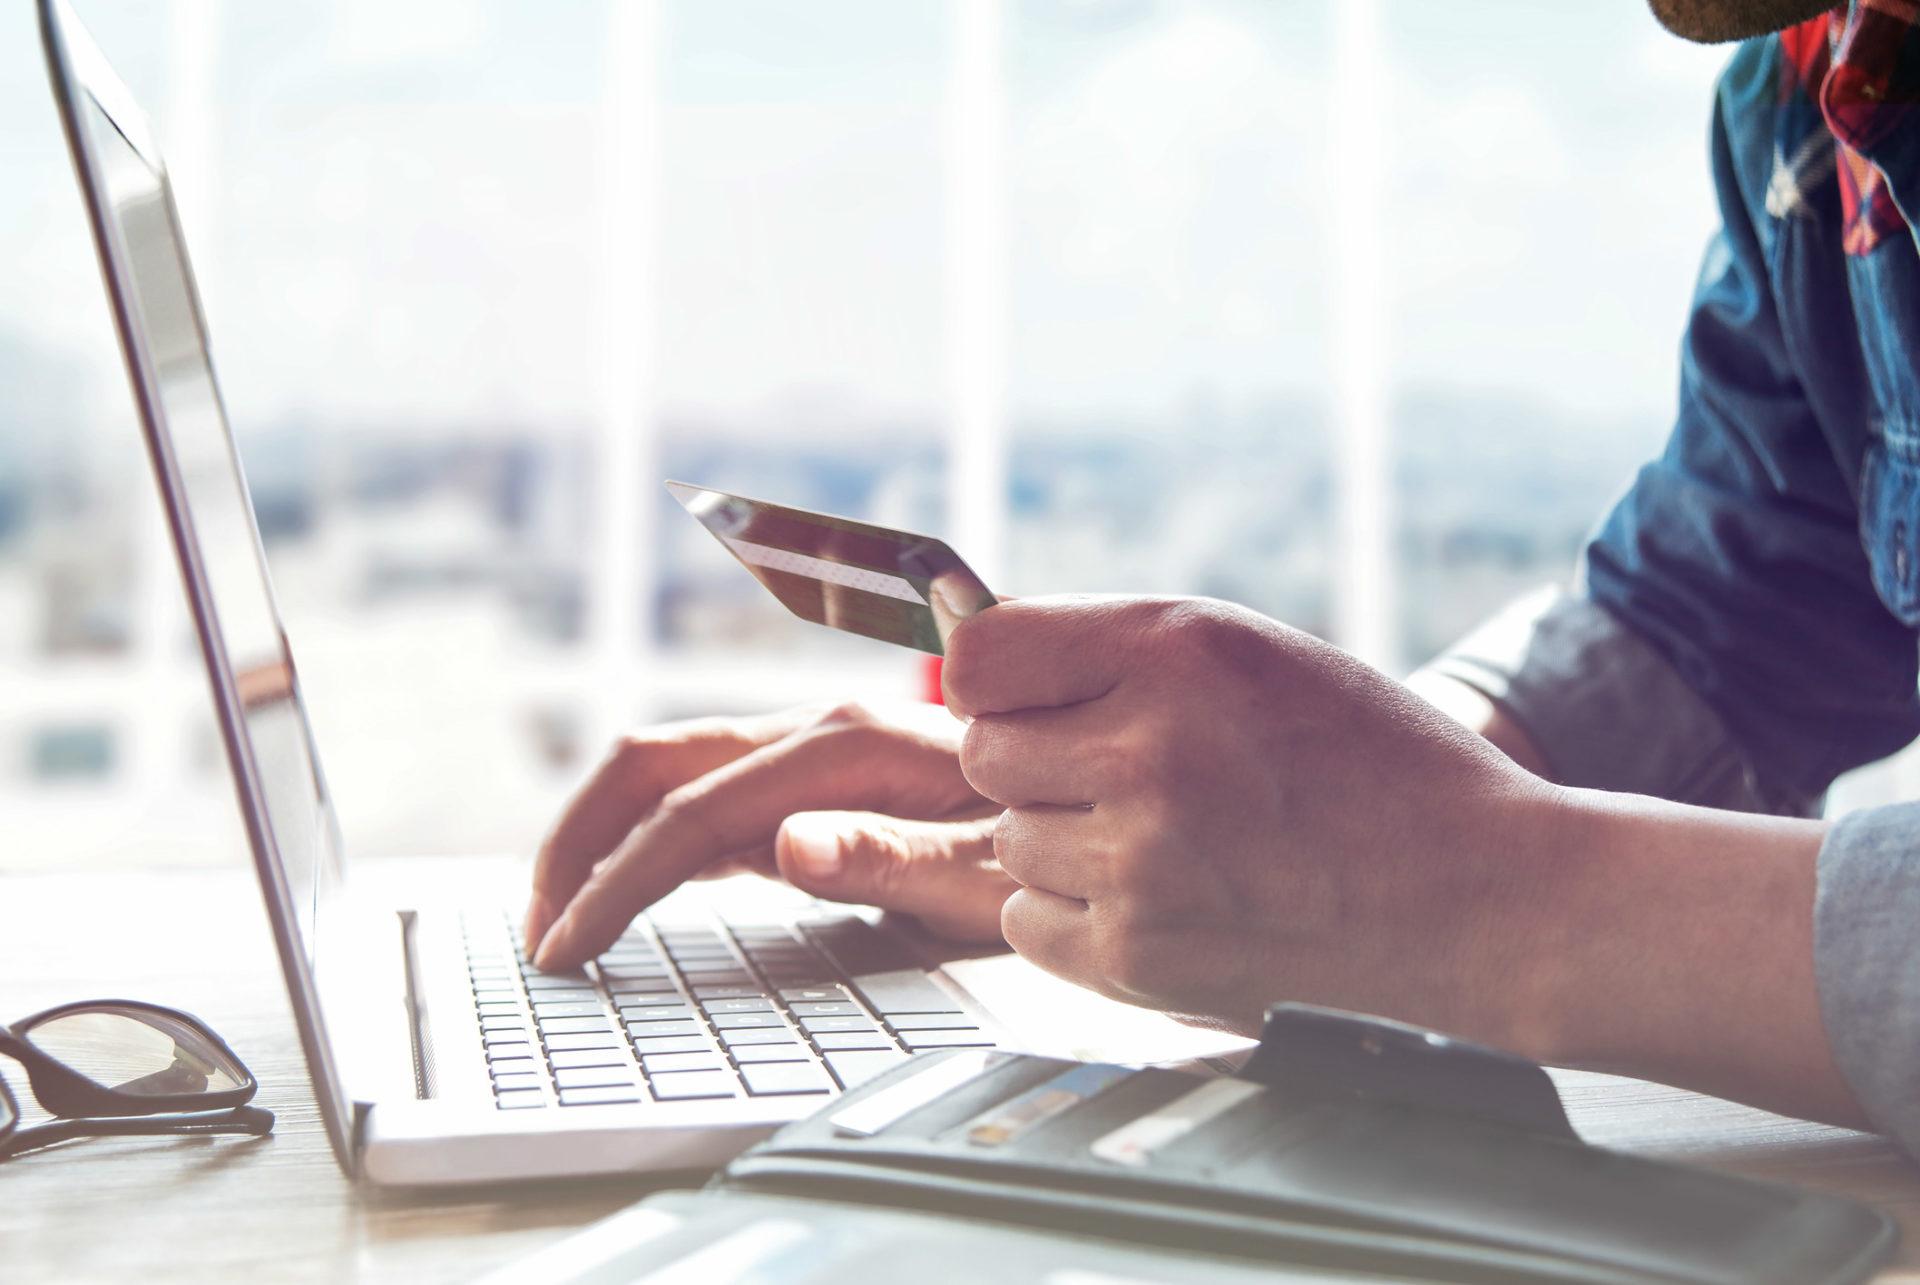 ¿Qué es el Círculo de Crédito y cómo puede utilizarse?